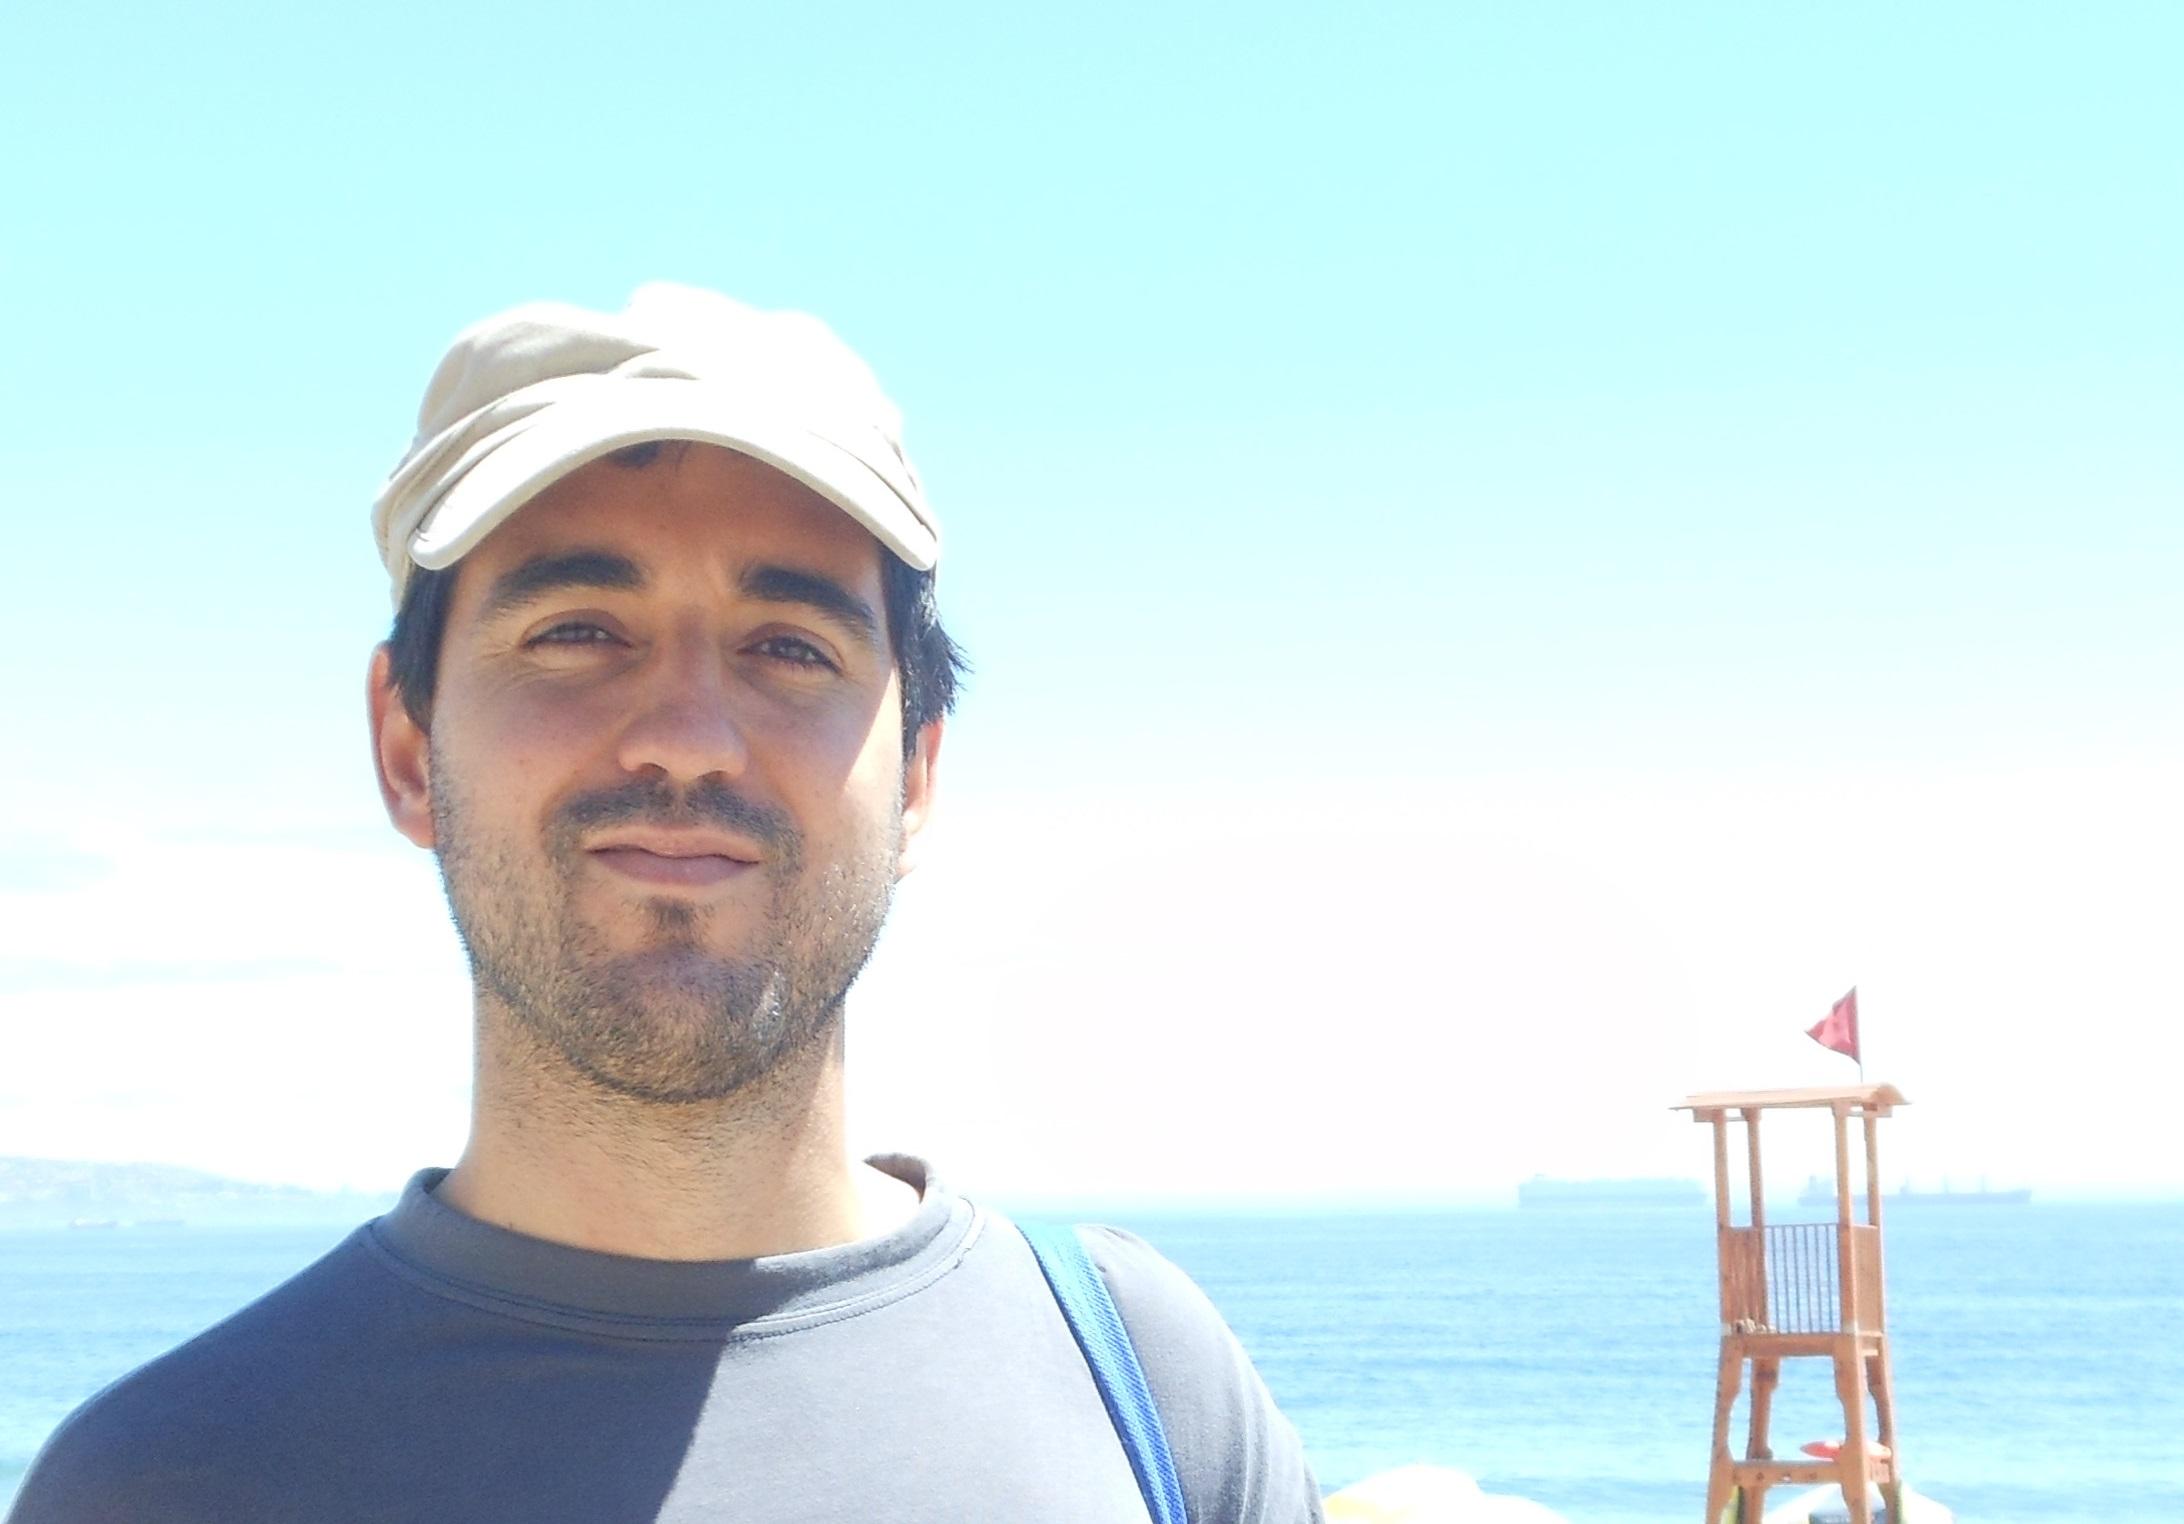 Pablo Farias, Founder of Zenva